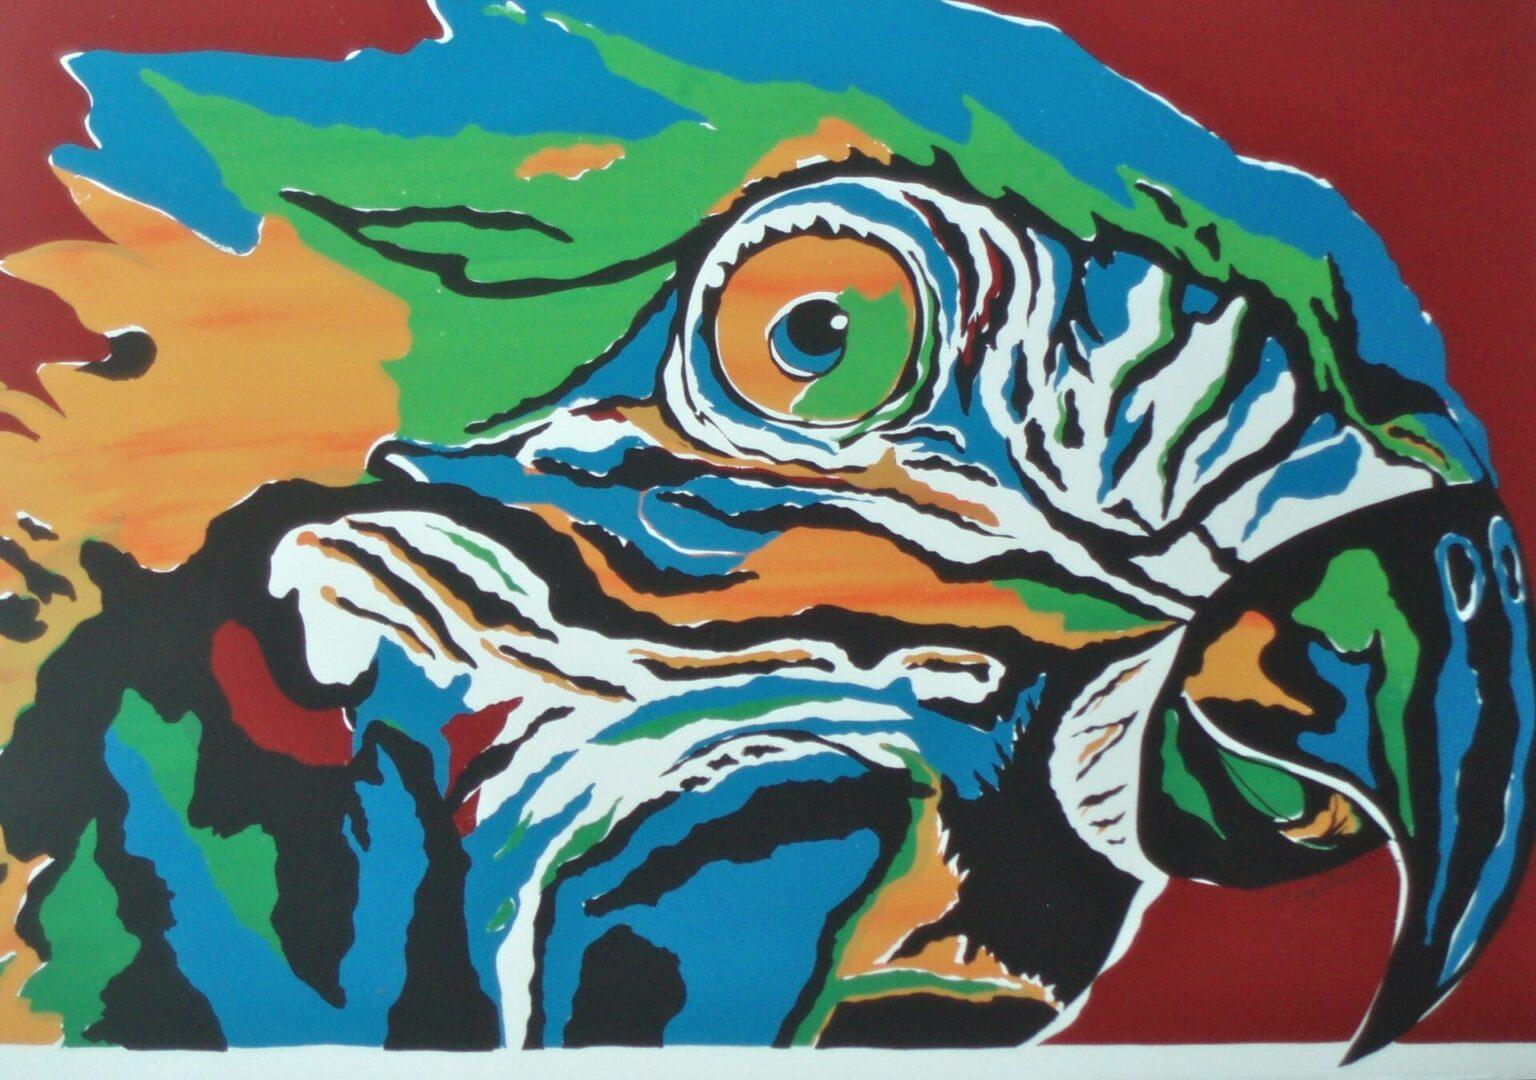 Bird of Paradise-Parrot SC-3 Framed $395 & Unframed $295